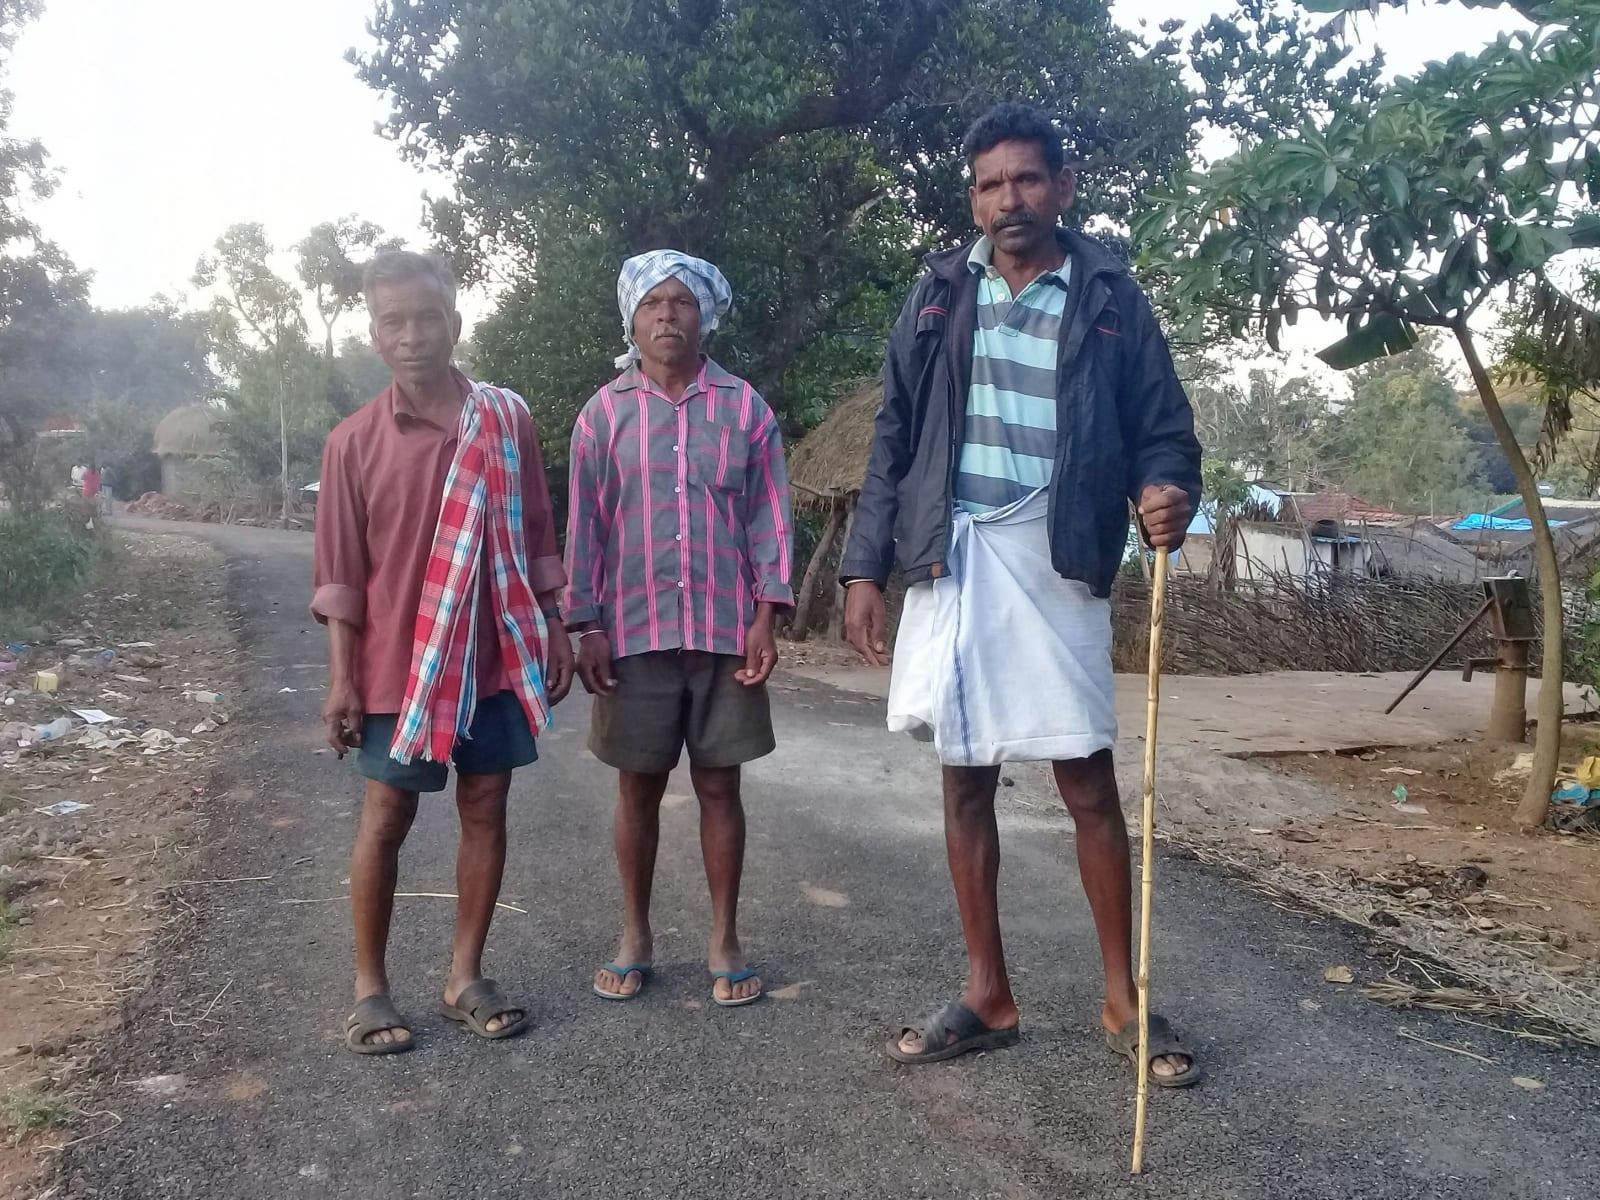 Kuci si občas řeknou o fotku. Tohle je jedna z nich (z jedné z vesnic v údolí Arakku, Indie).